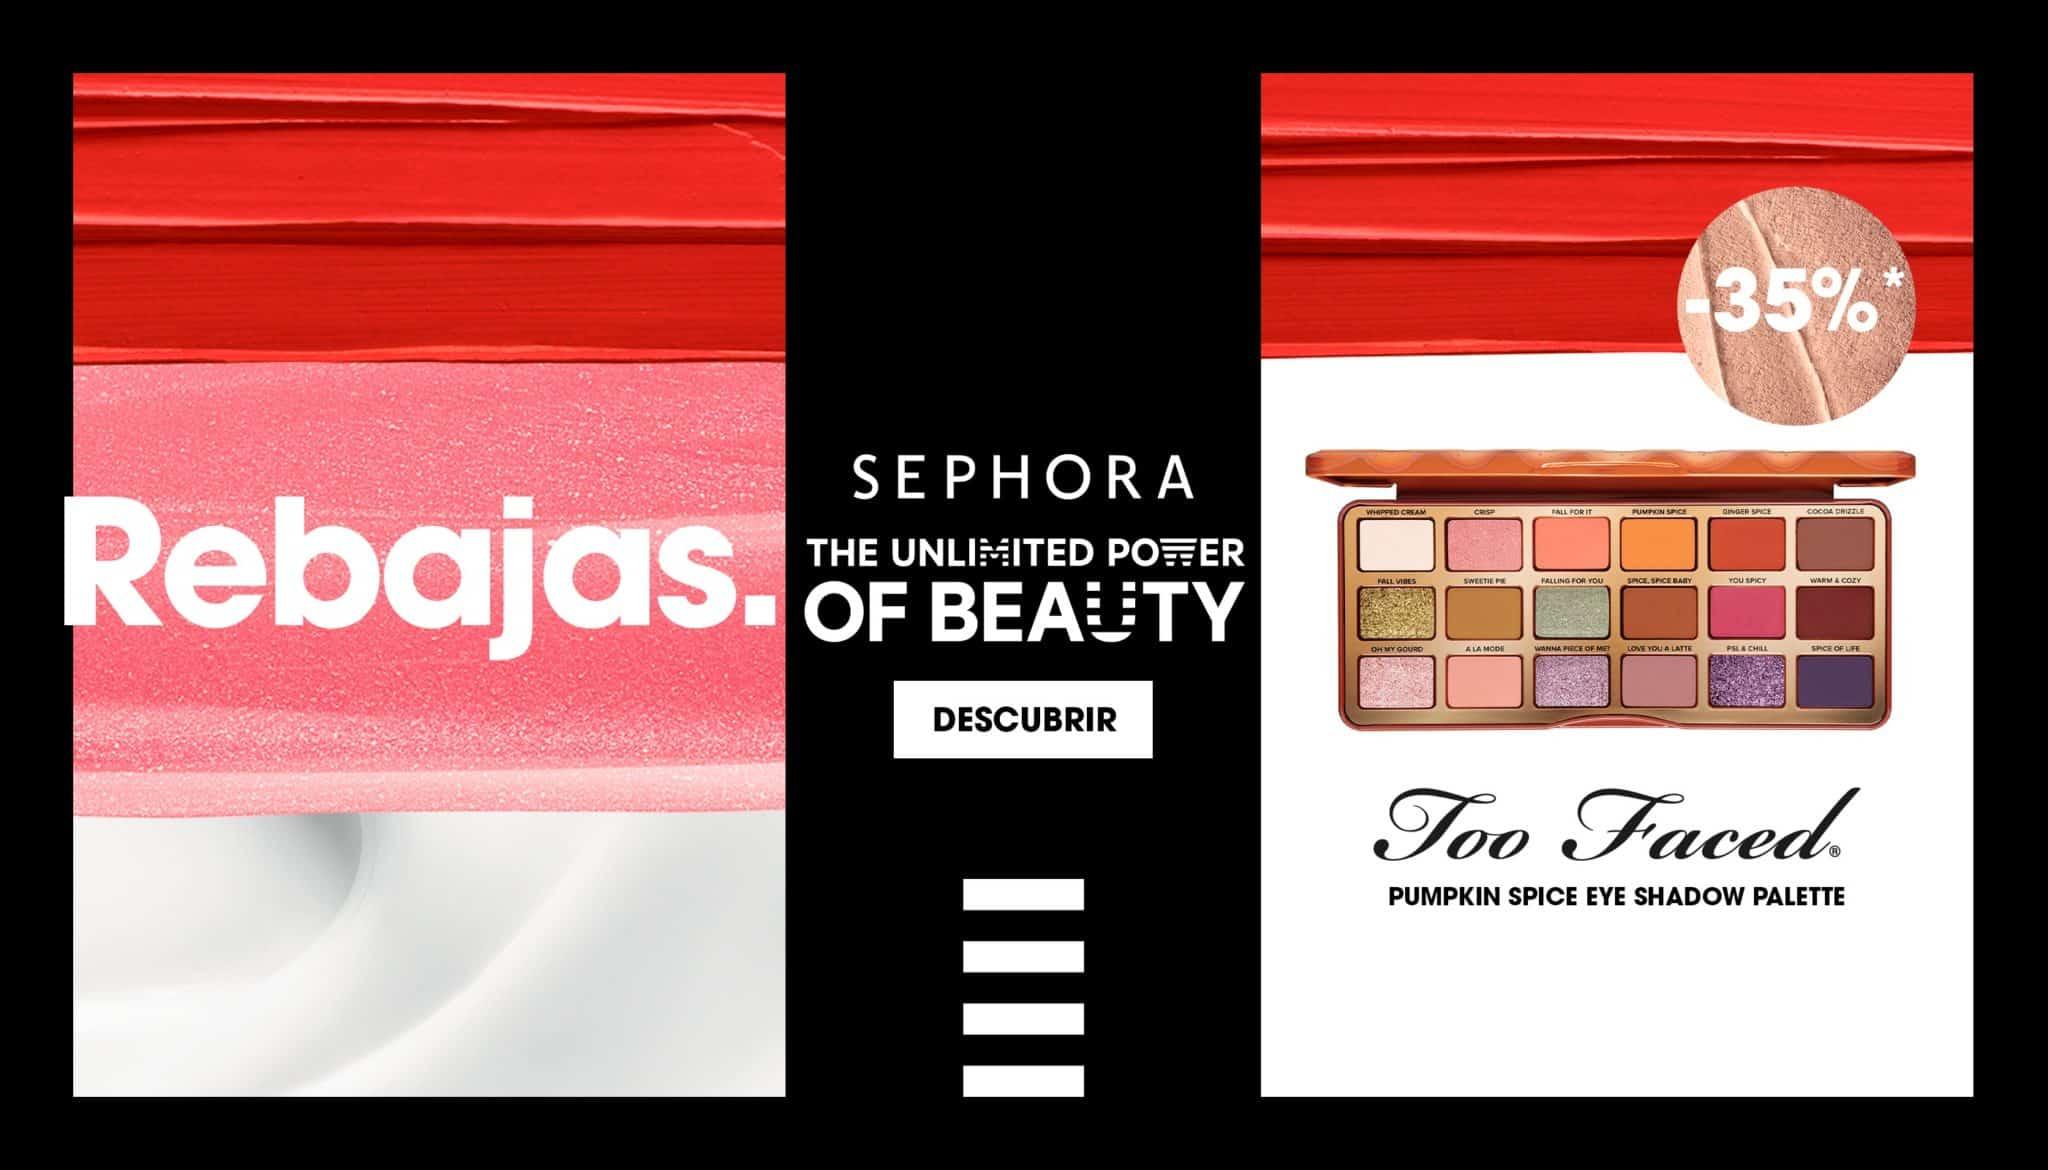 Rebajas en Sephora, maquillaje de marca barato, ofertas en belleza, chollo